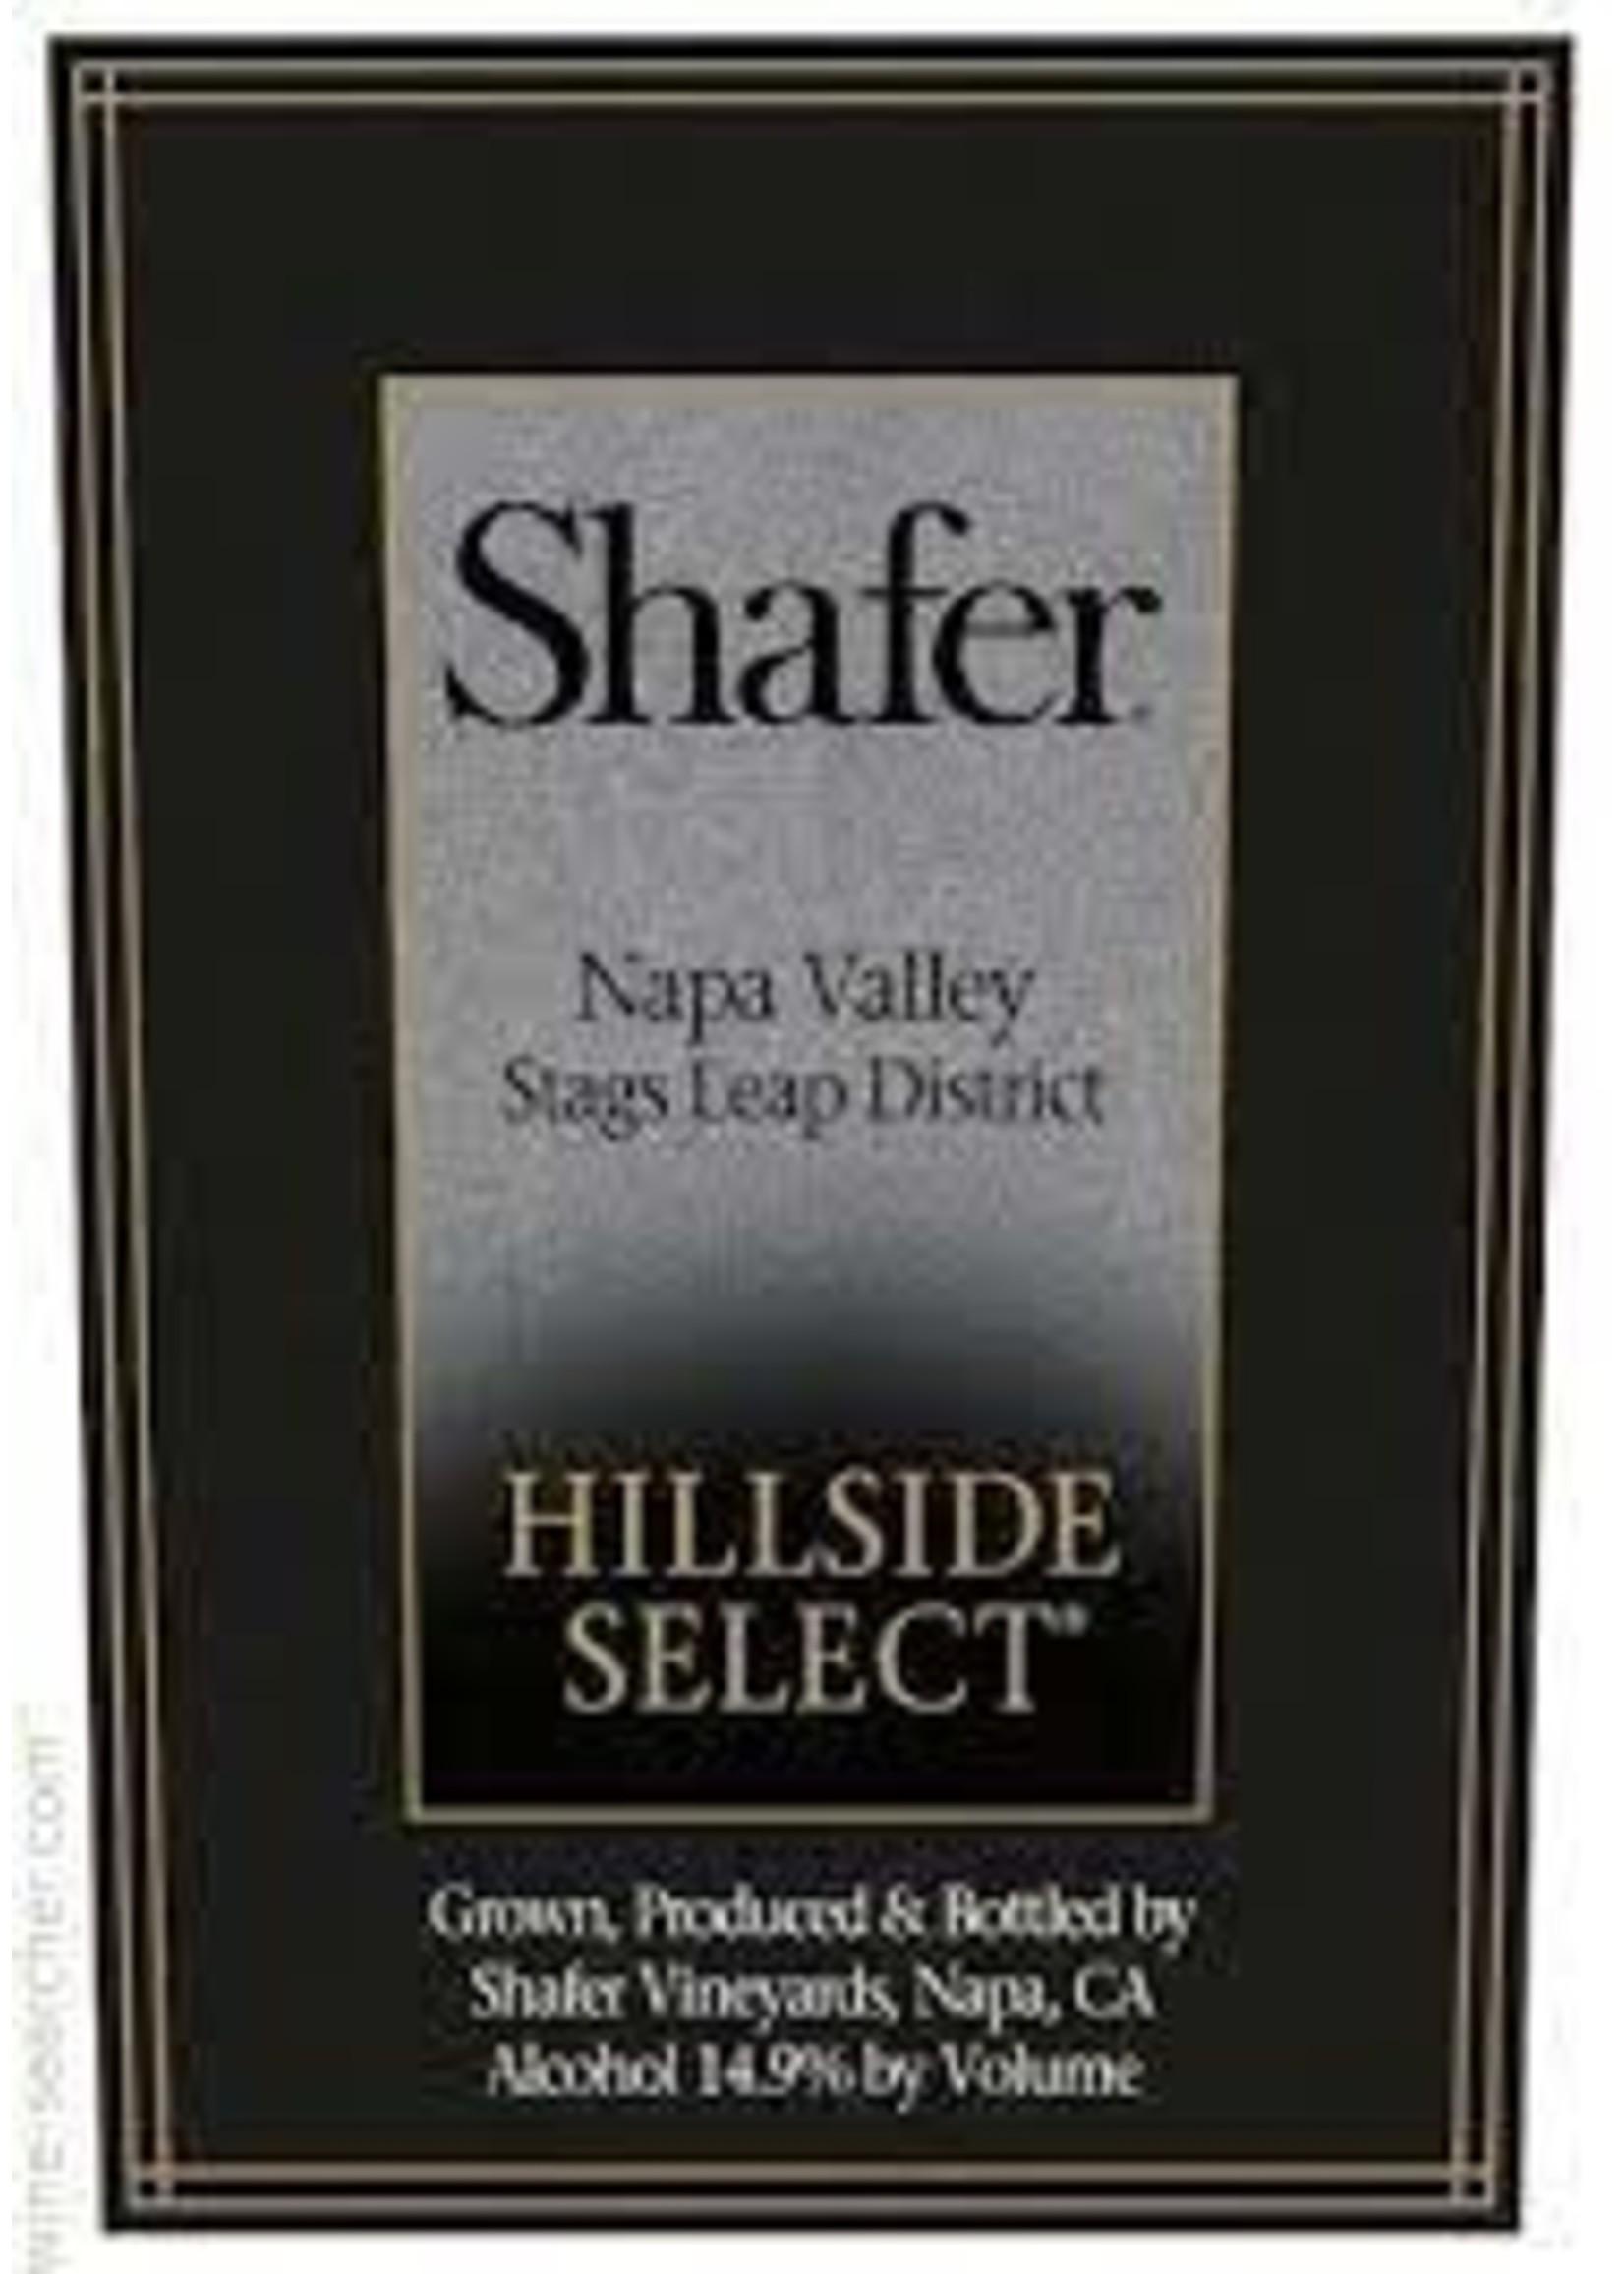 Shafer 2010 Cabernet Sauvignon Hillside Select 750ml [PRE-ARRIVAL]